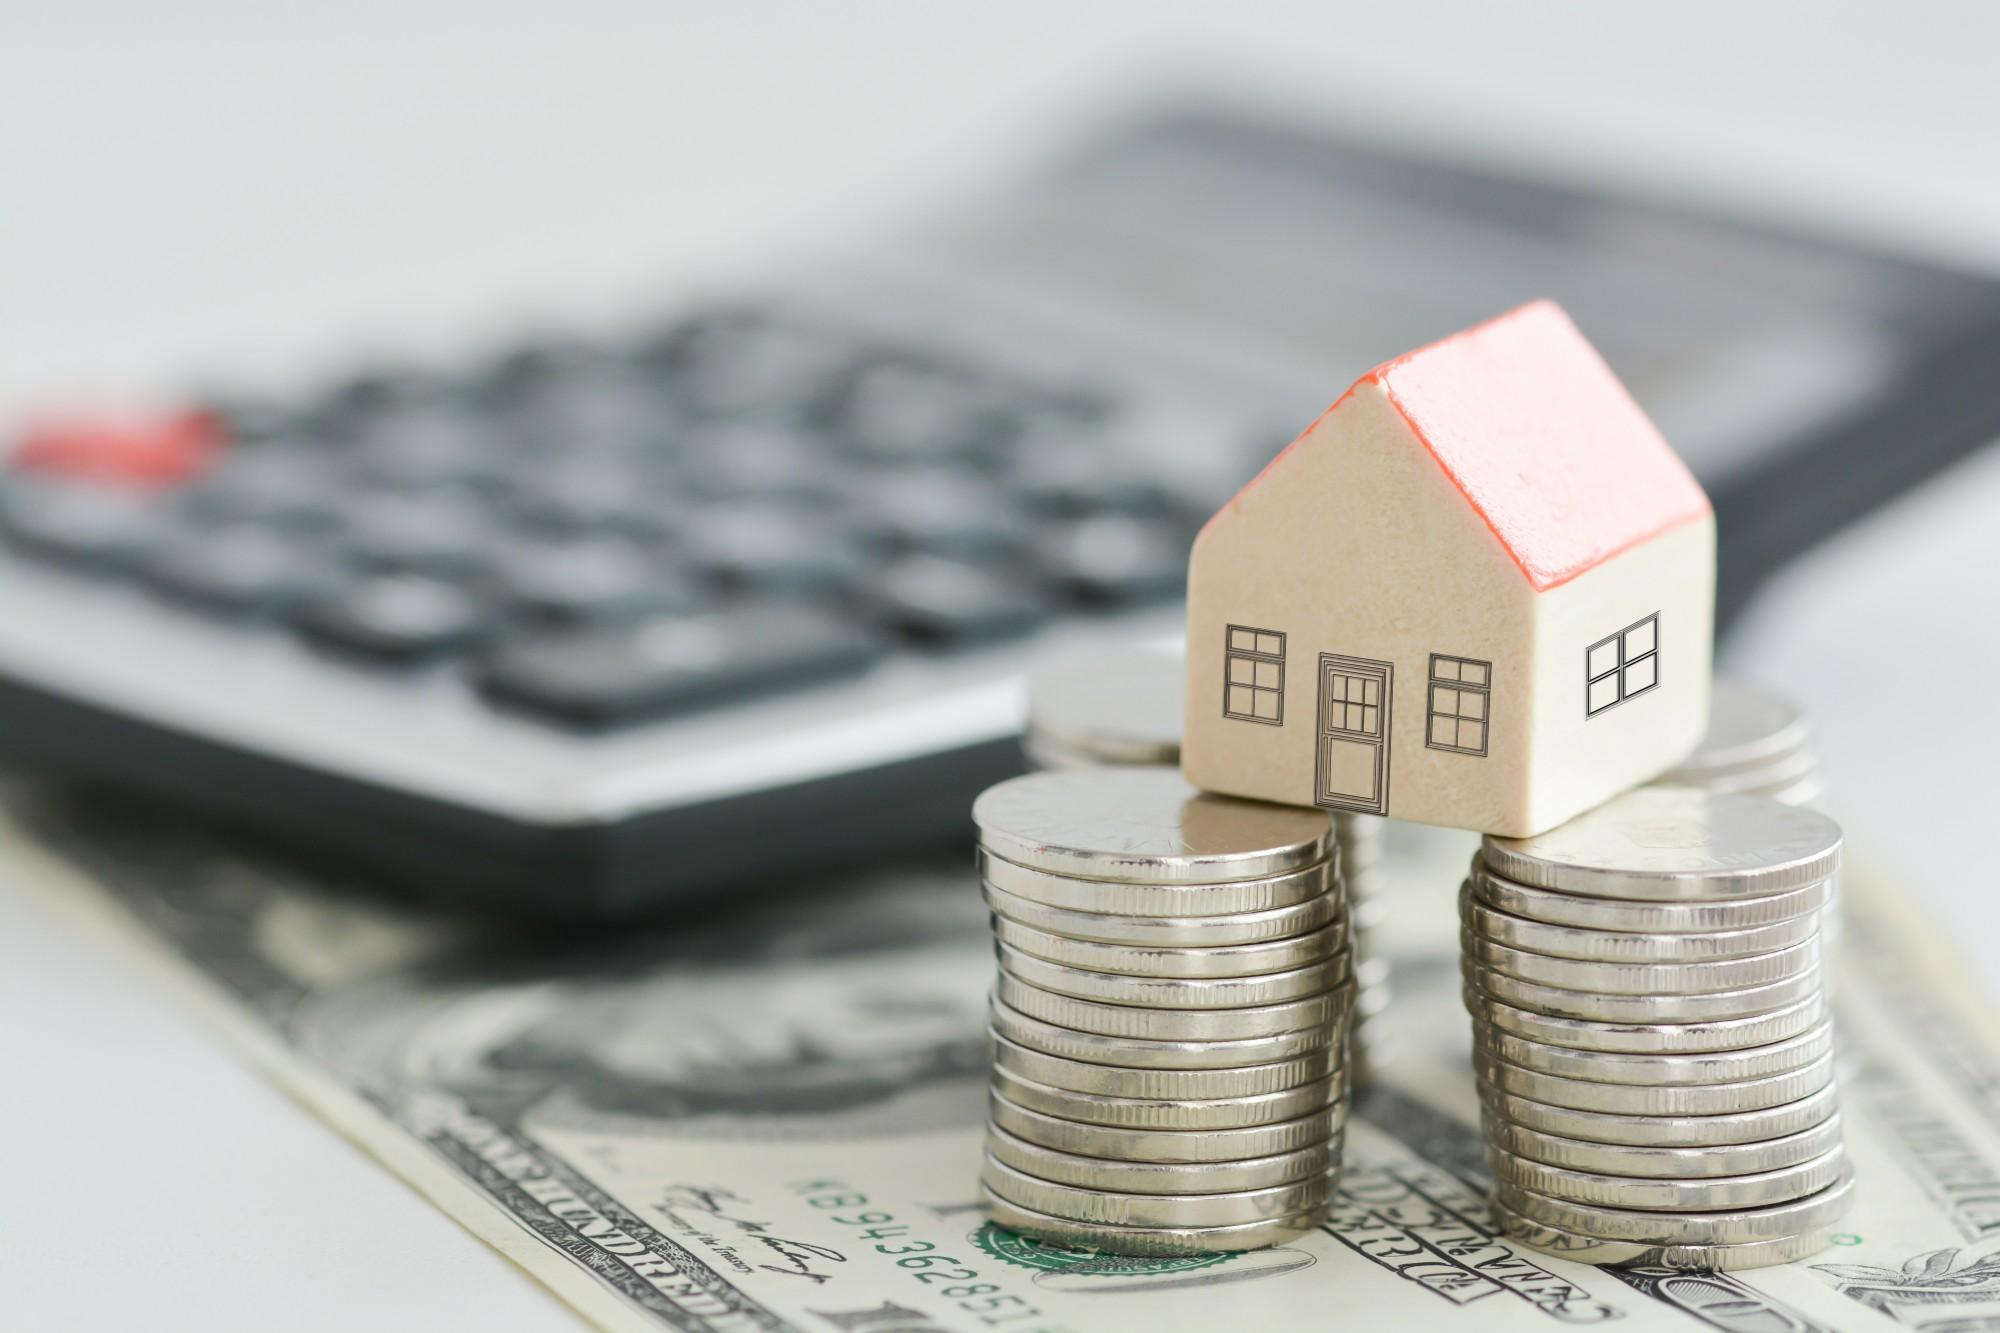 Achat immobilier : les conseils d'un agent immobilier